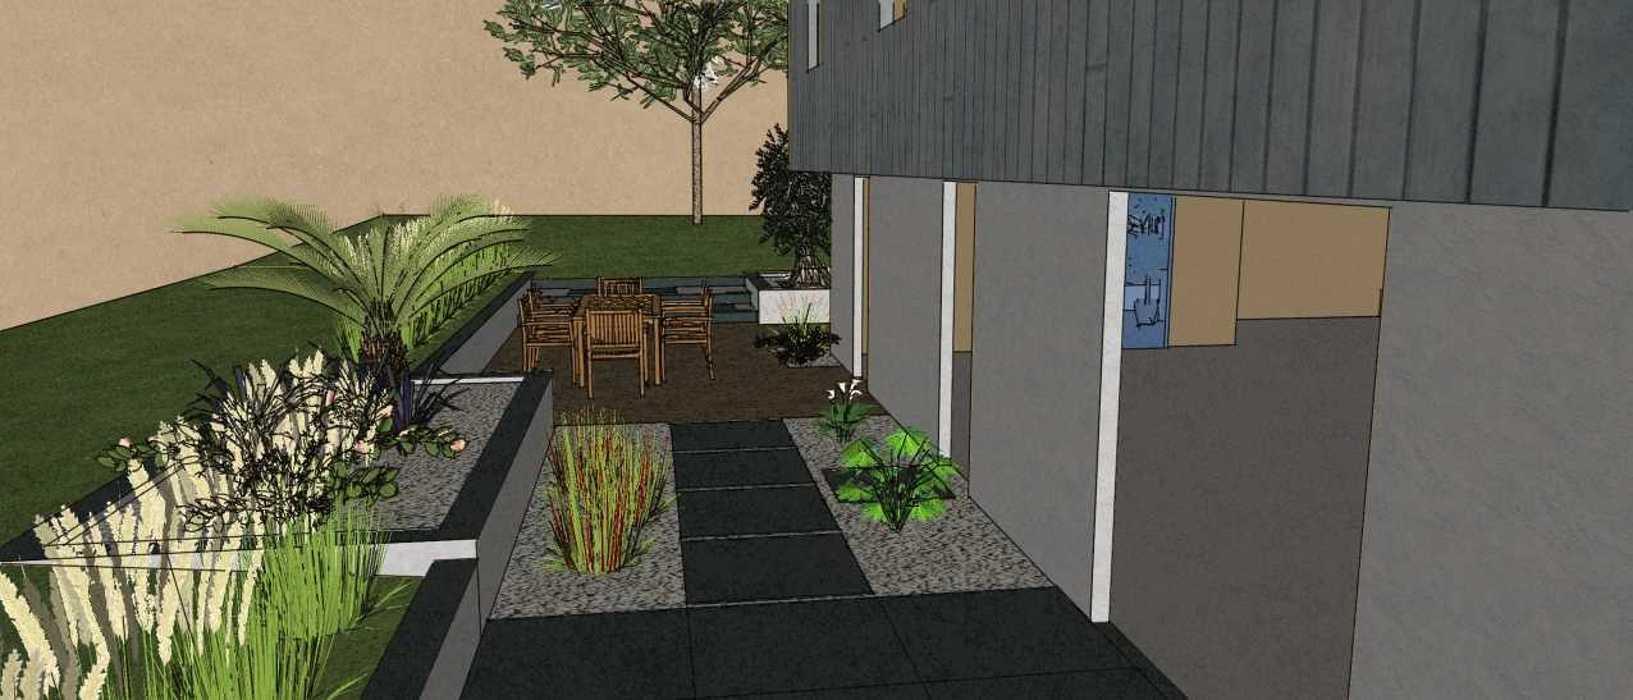 Terrasses communicantes sur différents niveaux renault3d3